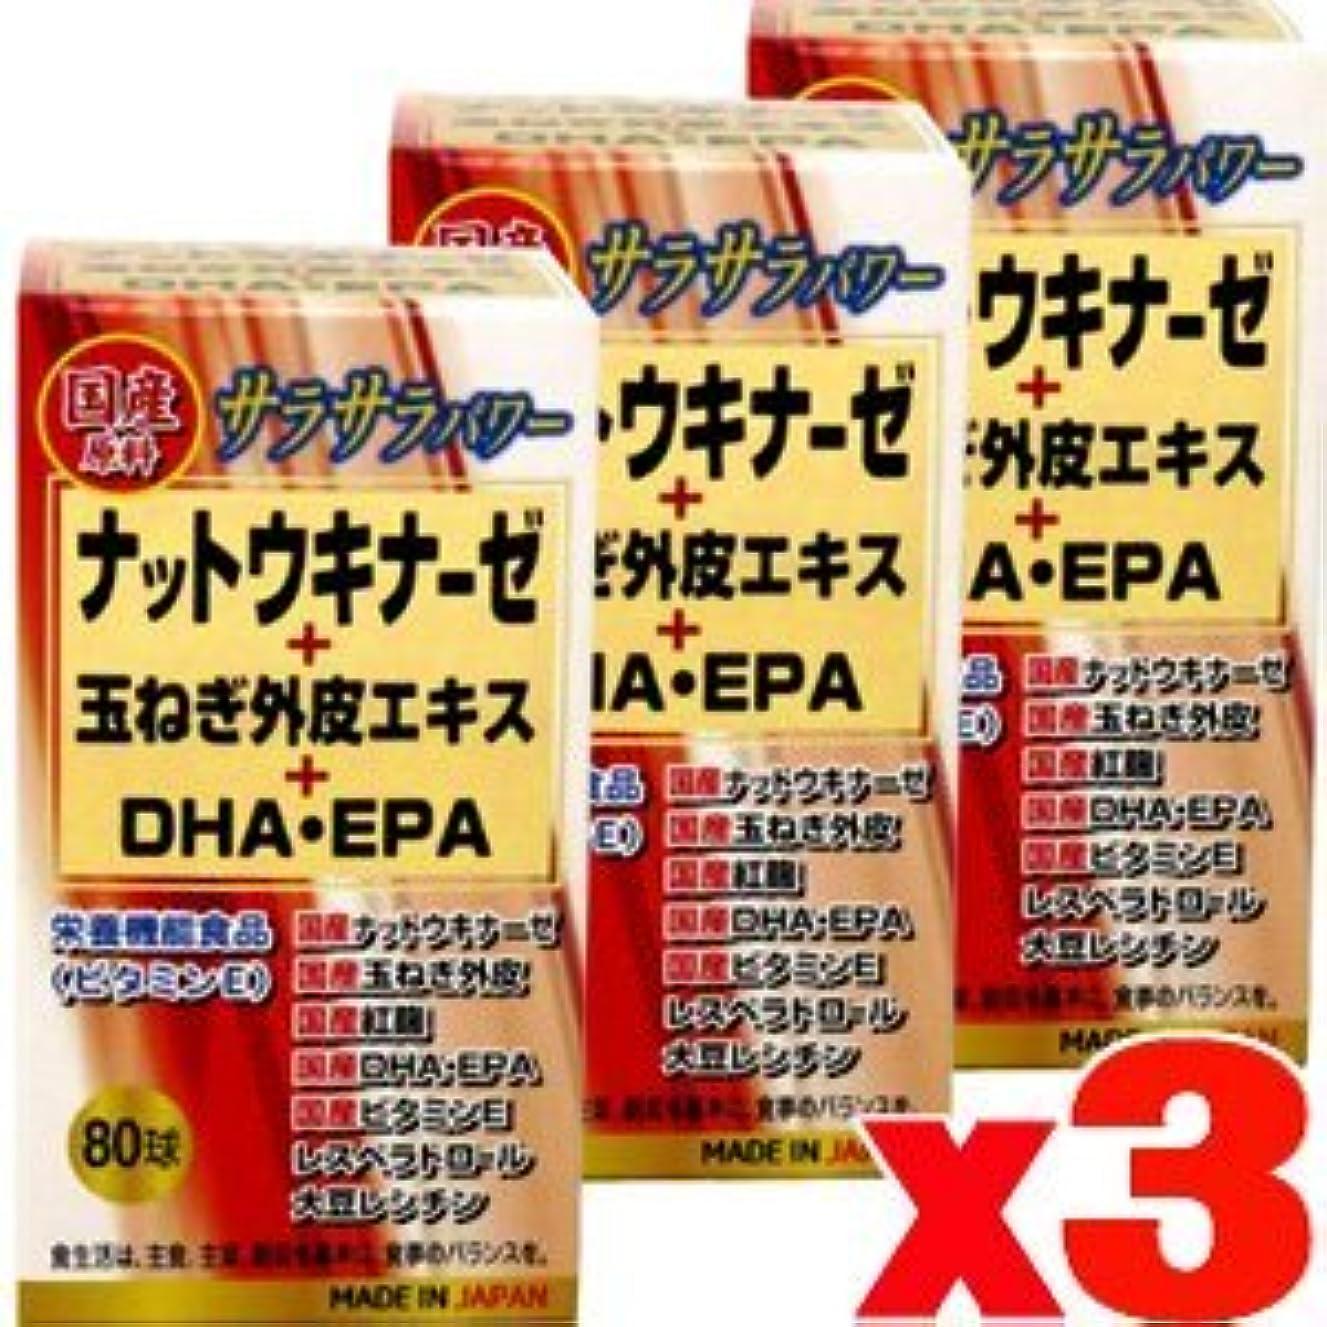 方法プレート口述する【3個】ユウキ製薬 ナットウキナーゼ+玉ねぎ外皮エキス+DHA?EPA 80球x3個(4524326202109)